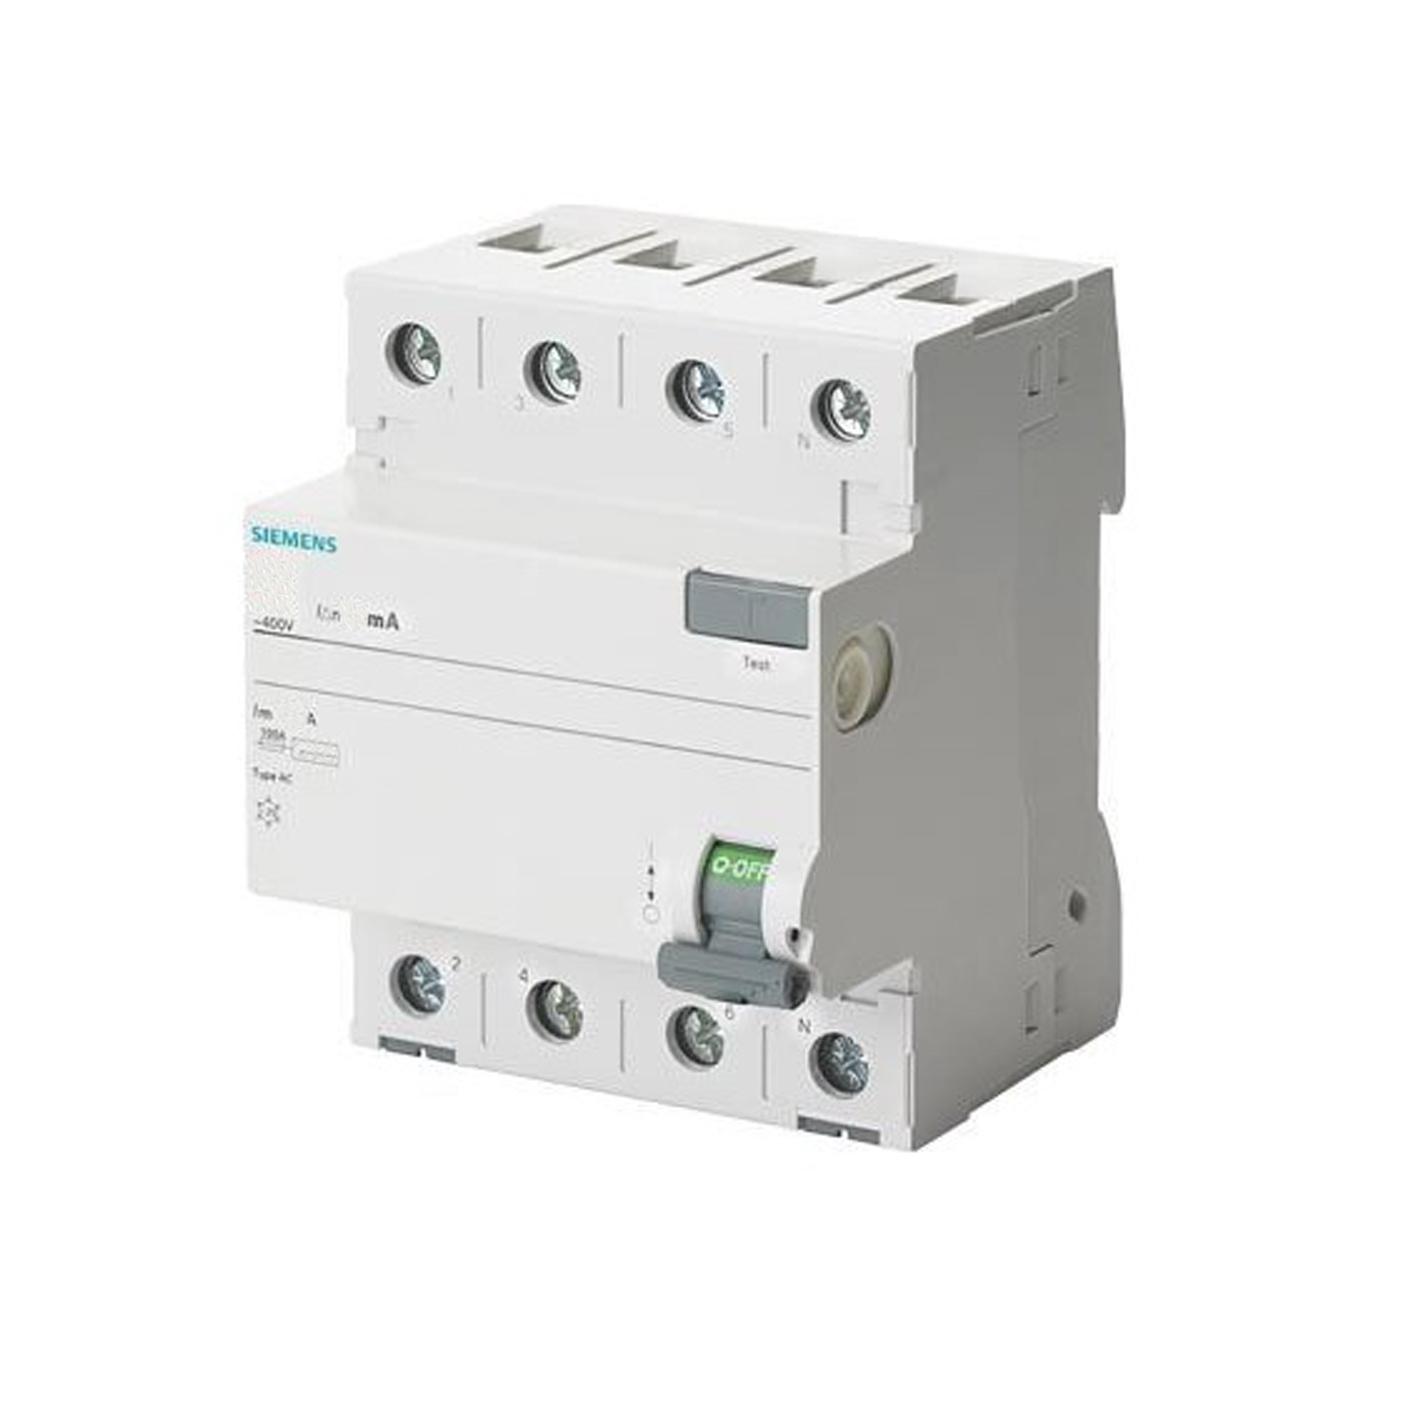 Siemens Kaçak Akım Rölesi 3x40 300mA